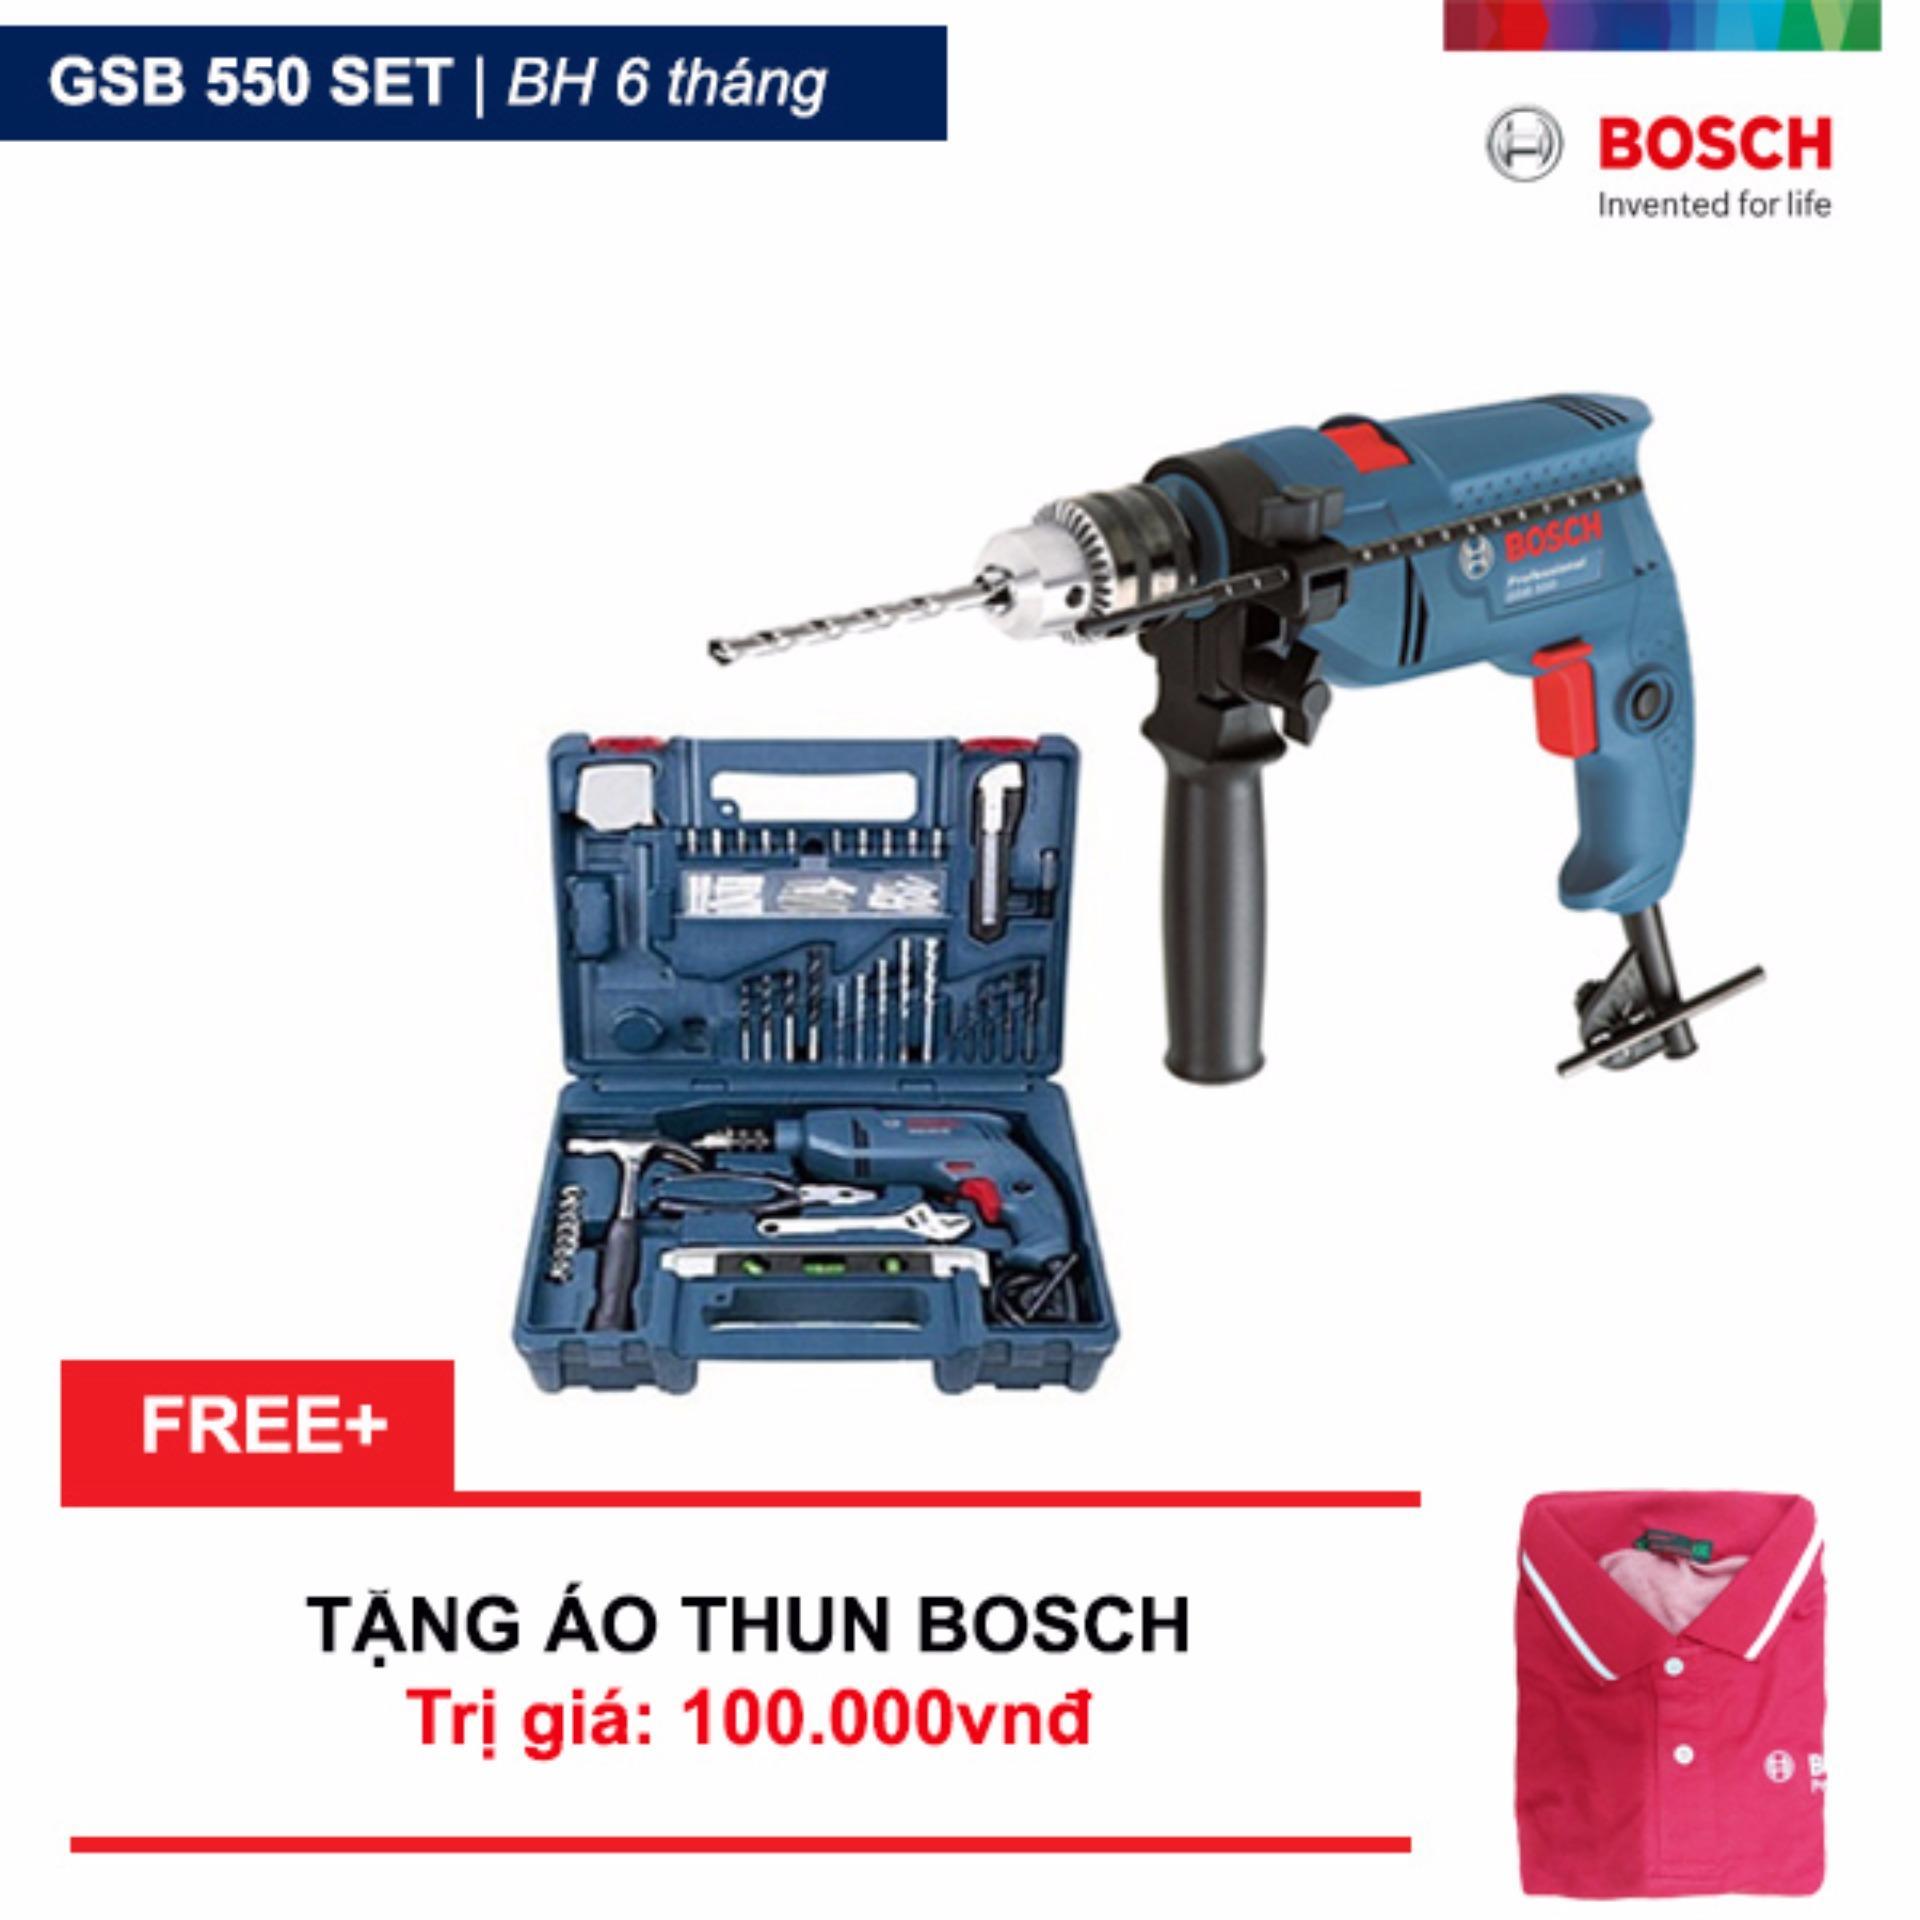 Giá Bán Rẻ Nhất Bộ May Khoan Động Lực Bosch Gsb 550 Va Bộ Dụng Cụ 100 Chi Tiết Bosch Tặng Ao Thun Bosch